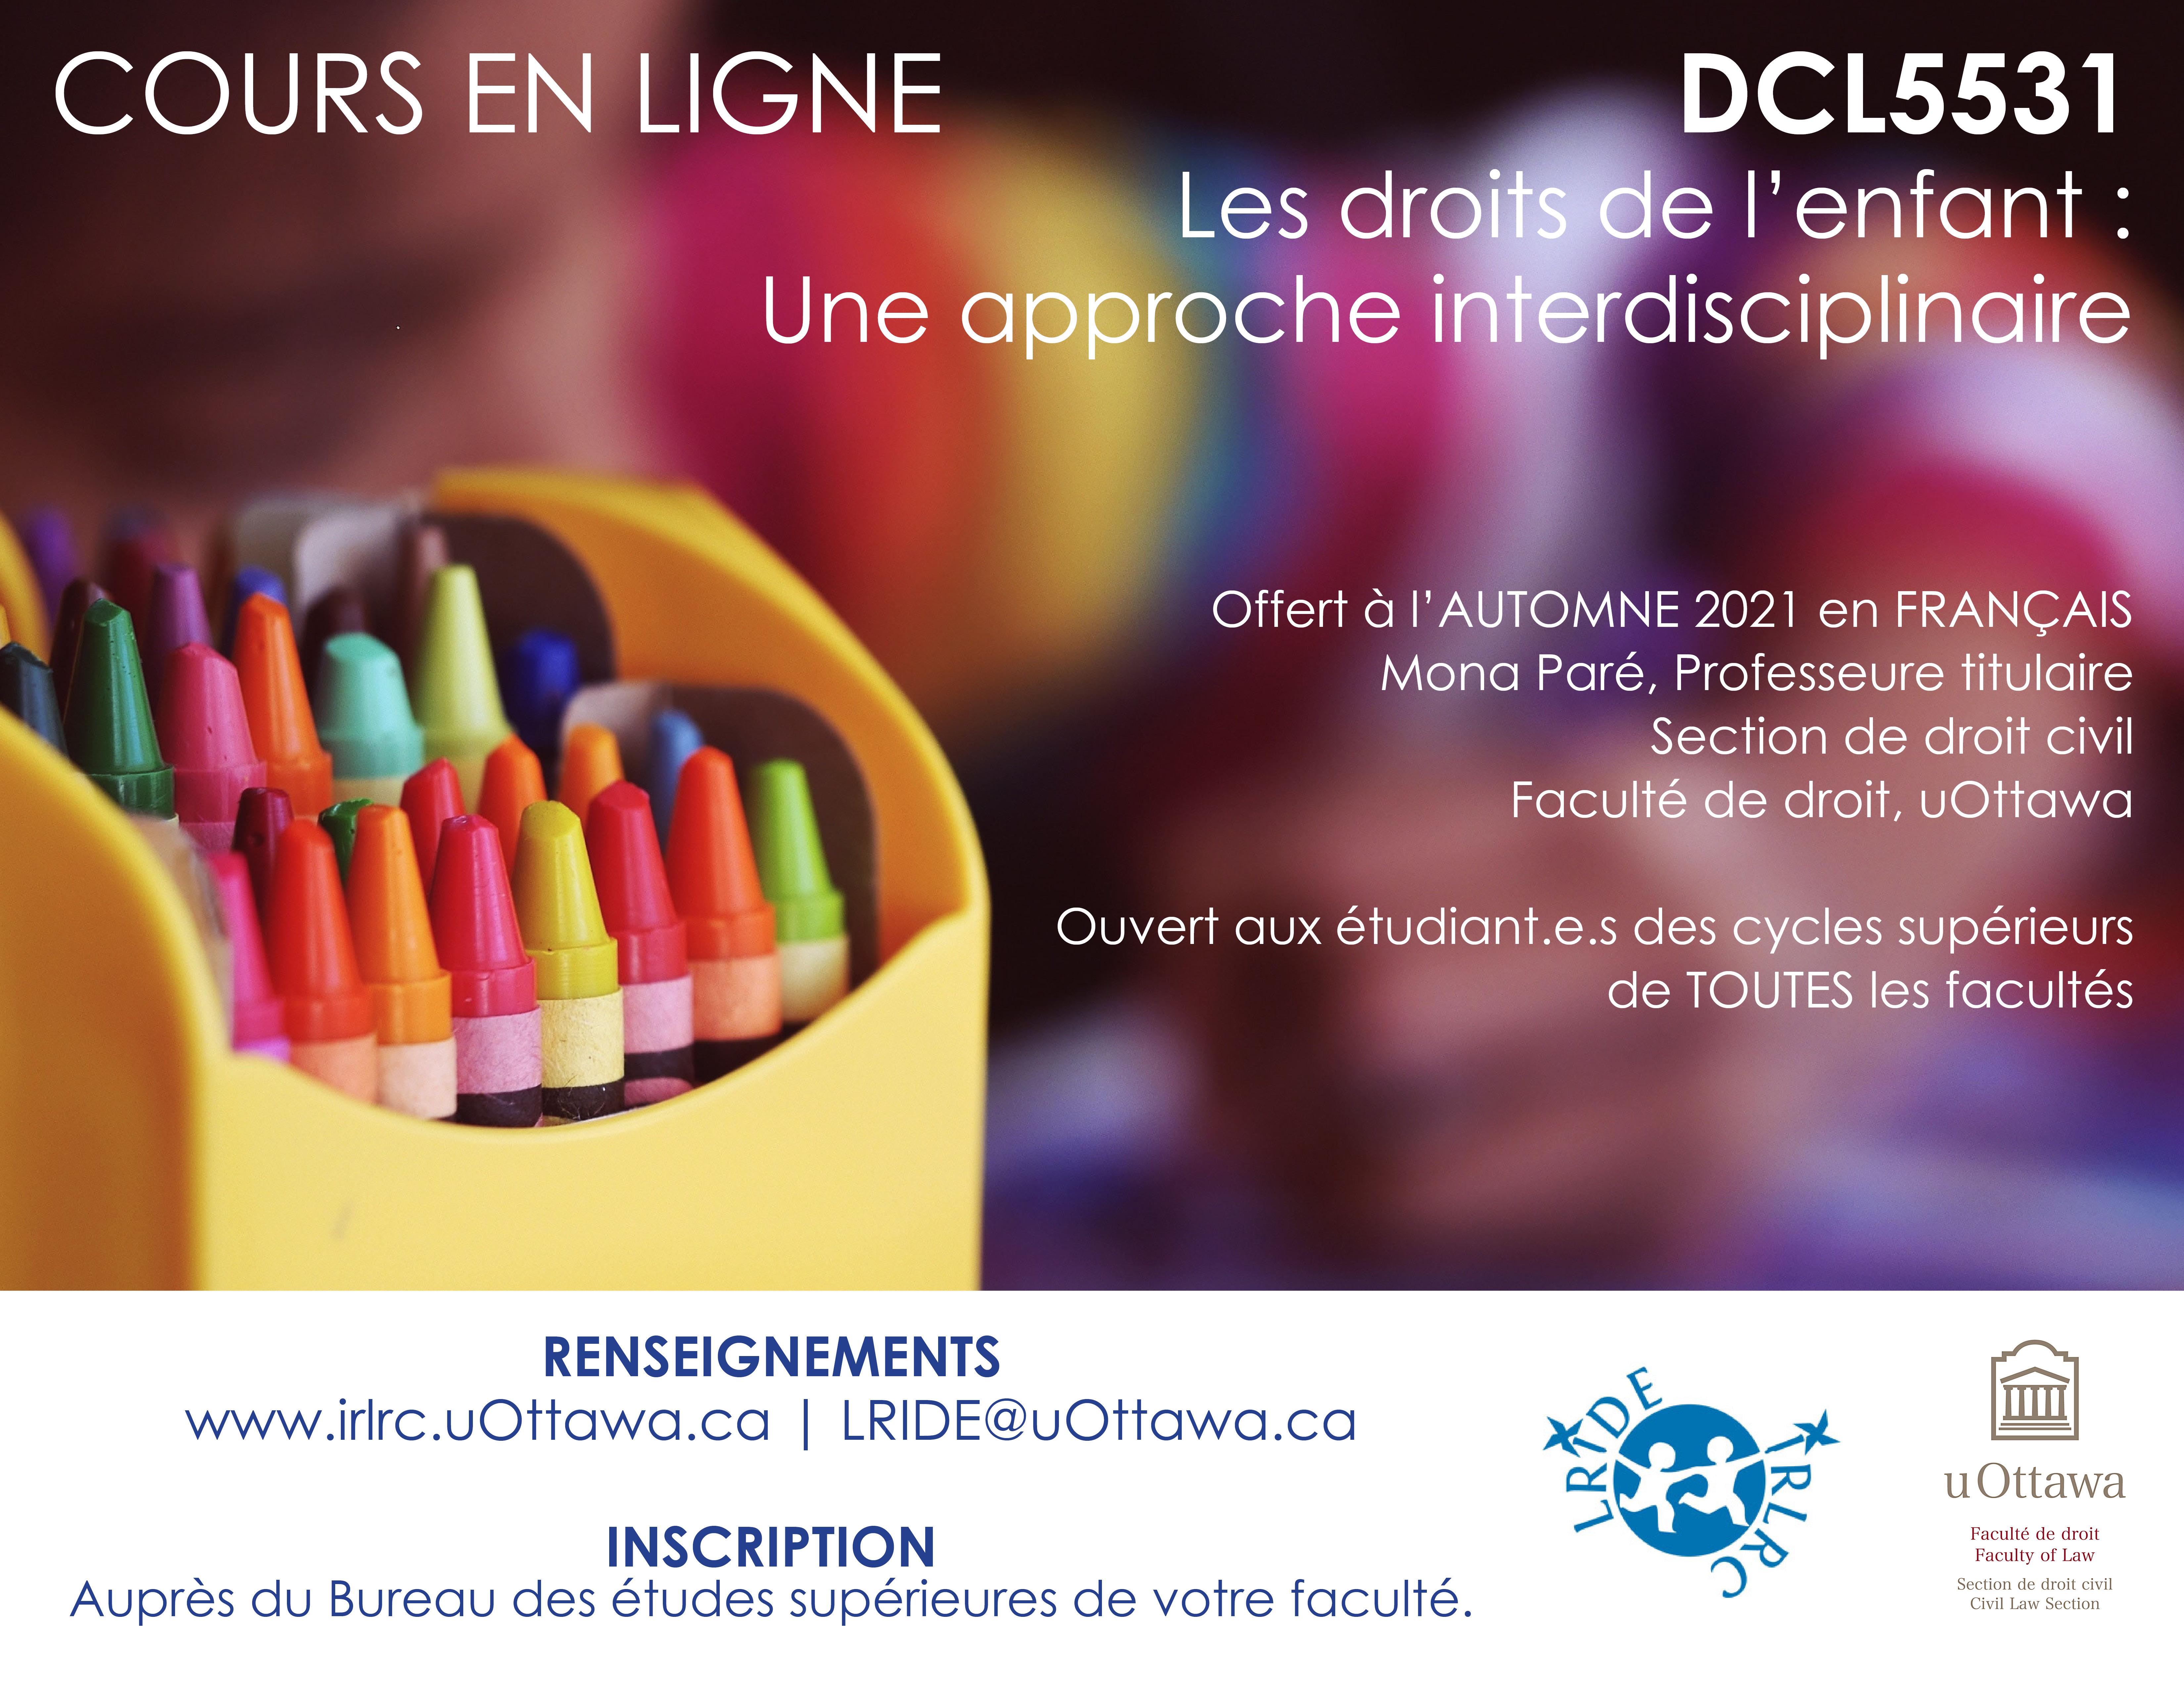 Une approche interdisciplinaire | Enfant qui dessine avec des crayons de couleur.